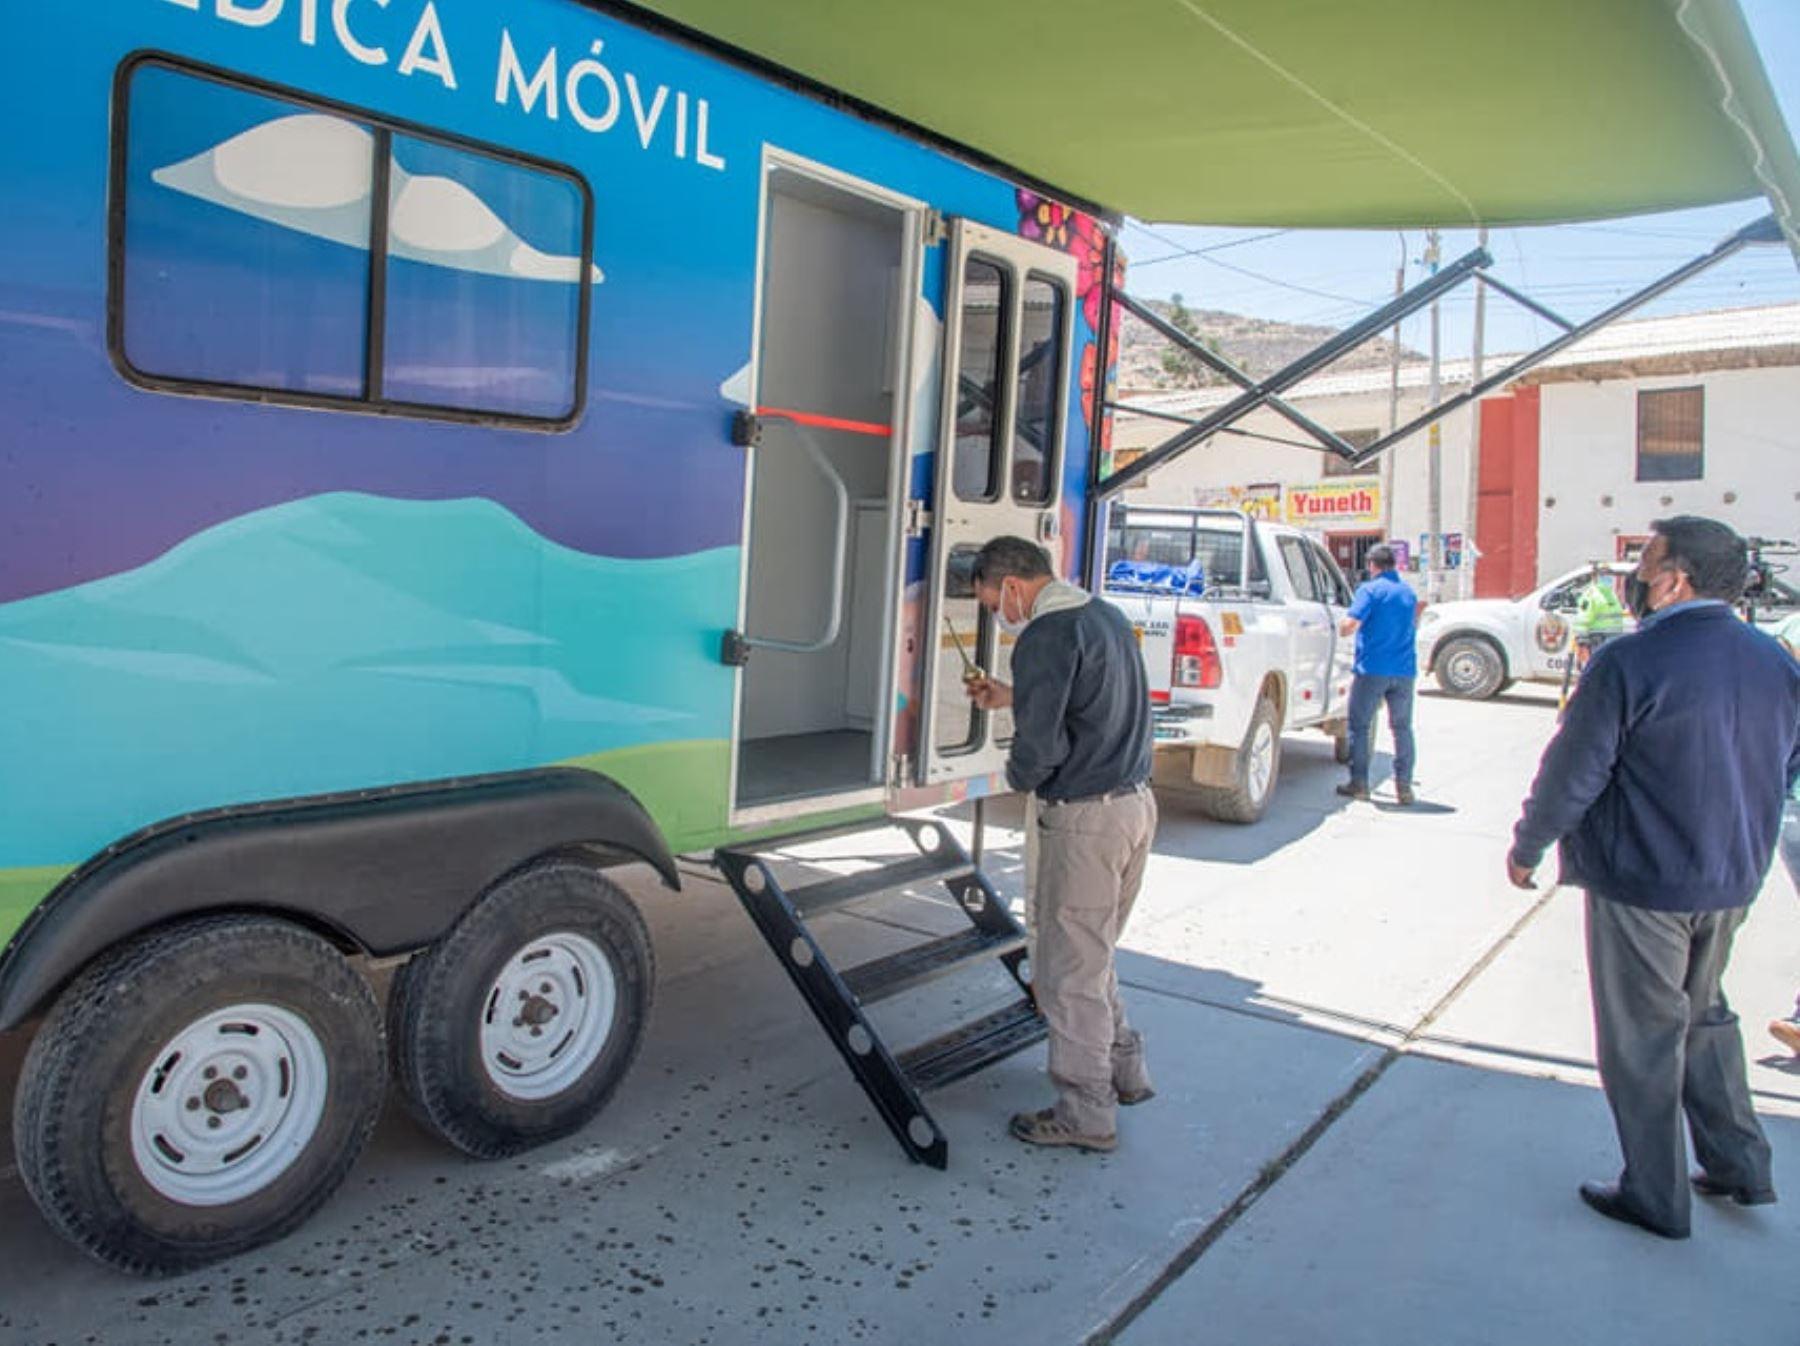 Autoridades de Áncash atenderán con una posta médica móvil a los pobladores de las localidades ubicadas en el callejón de Huaylas. Foto: ANDINA/difusión.